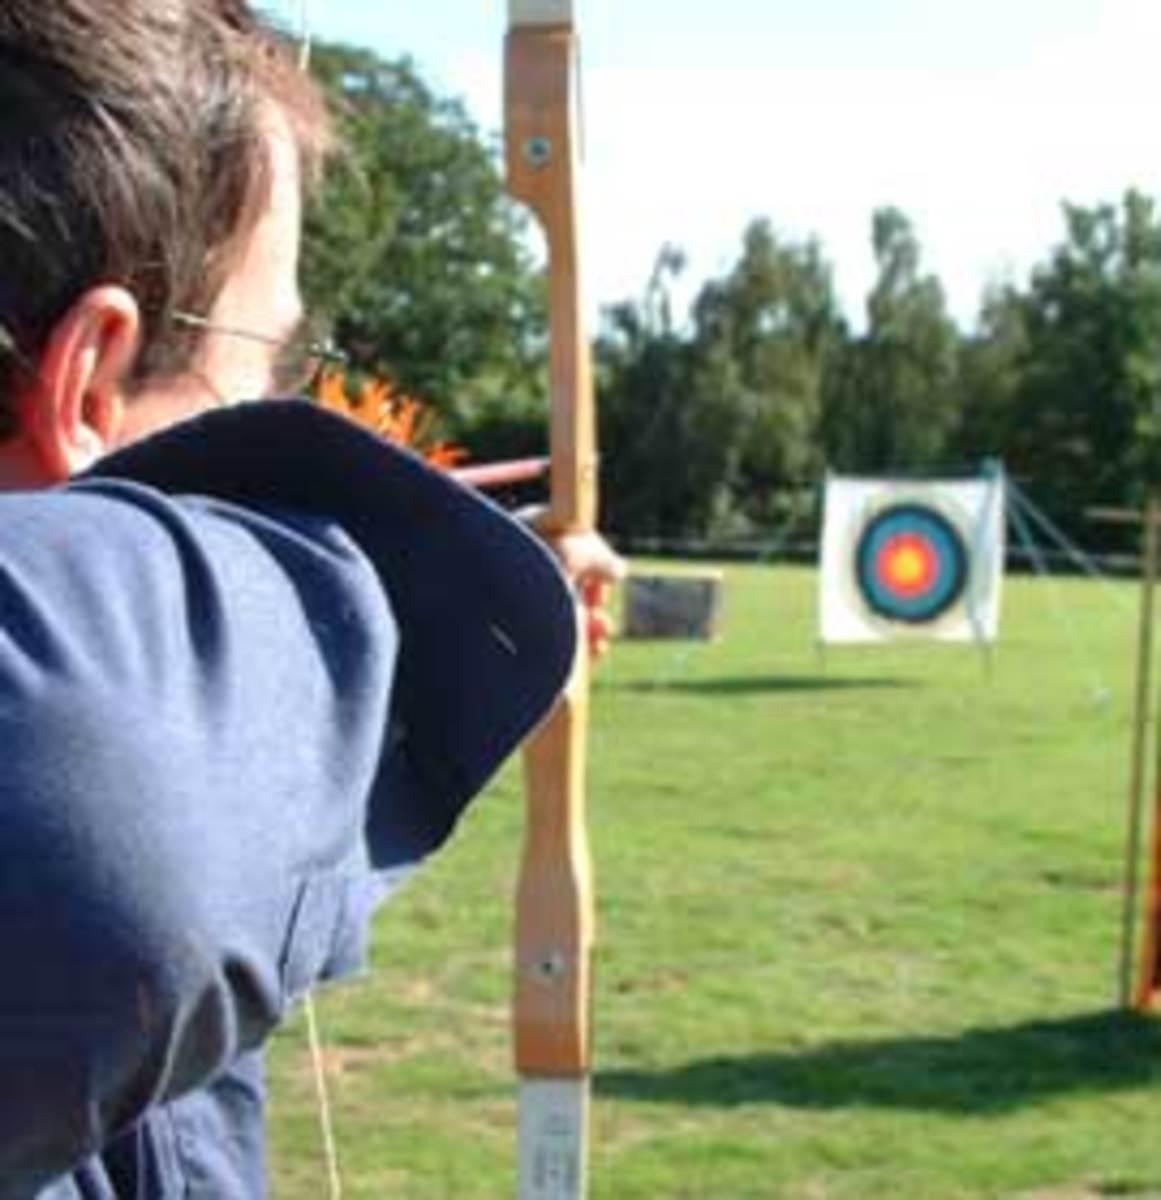 Traditional Archery : A Wonderful Form of Modern Meditation